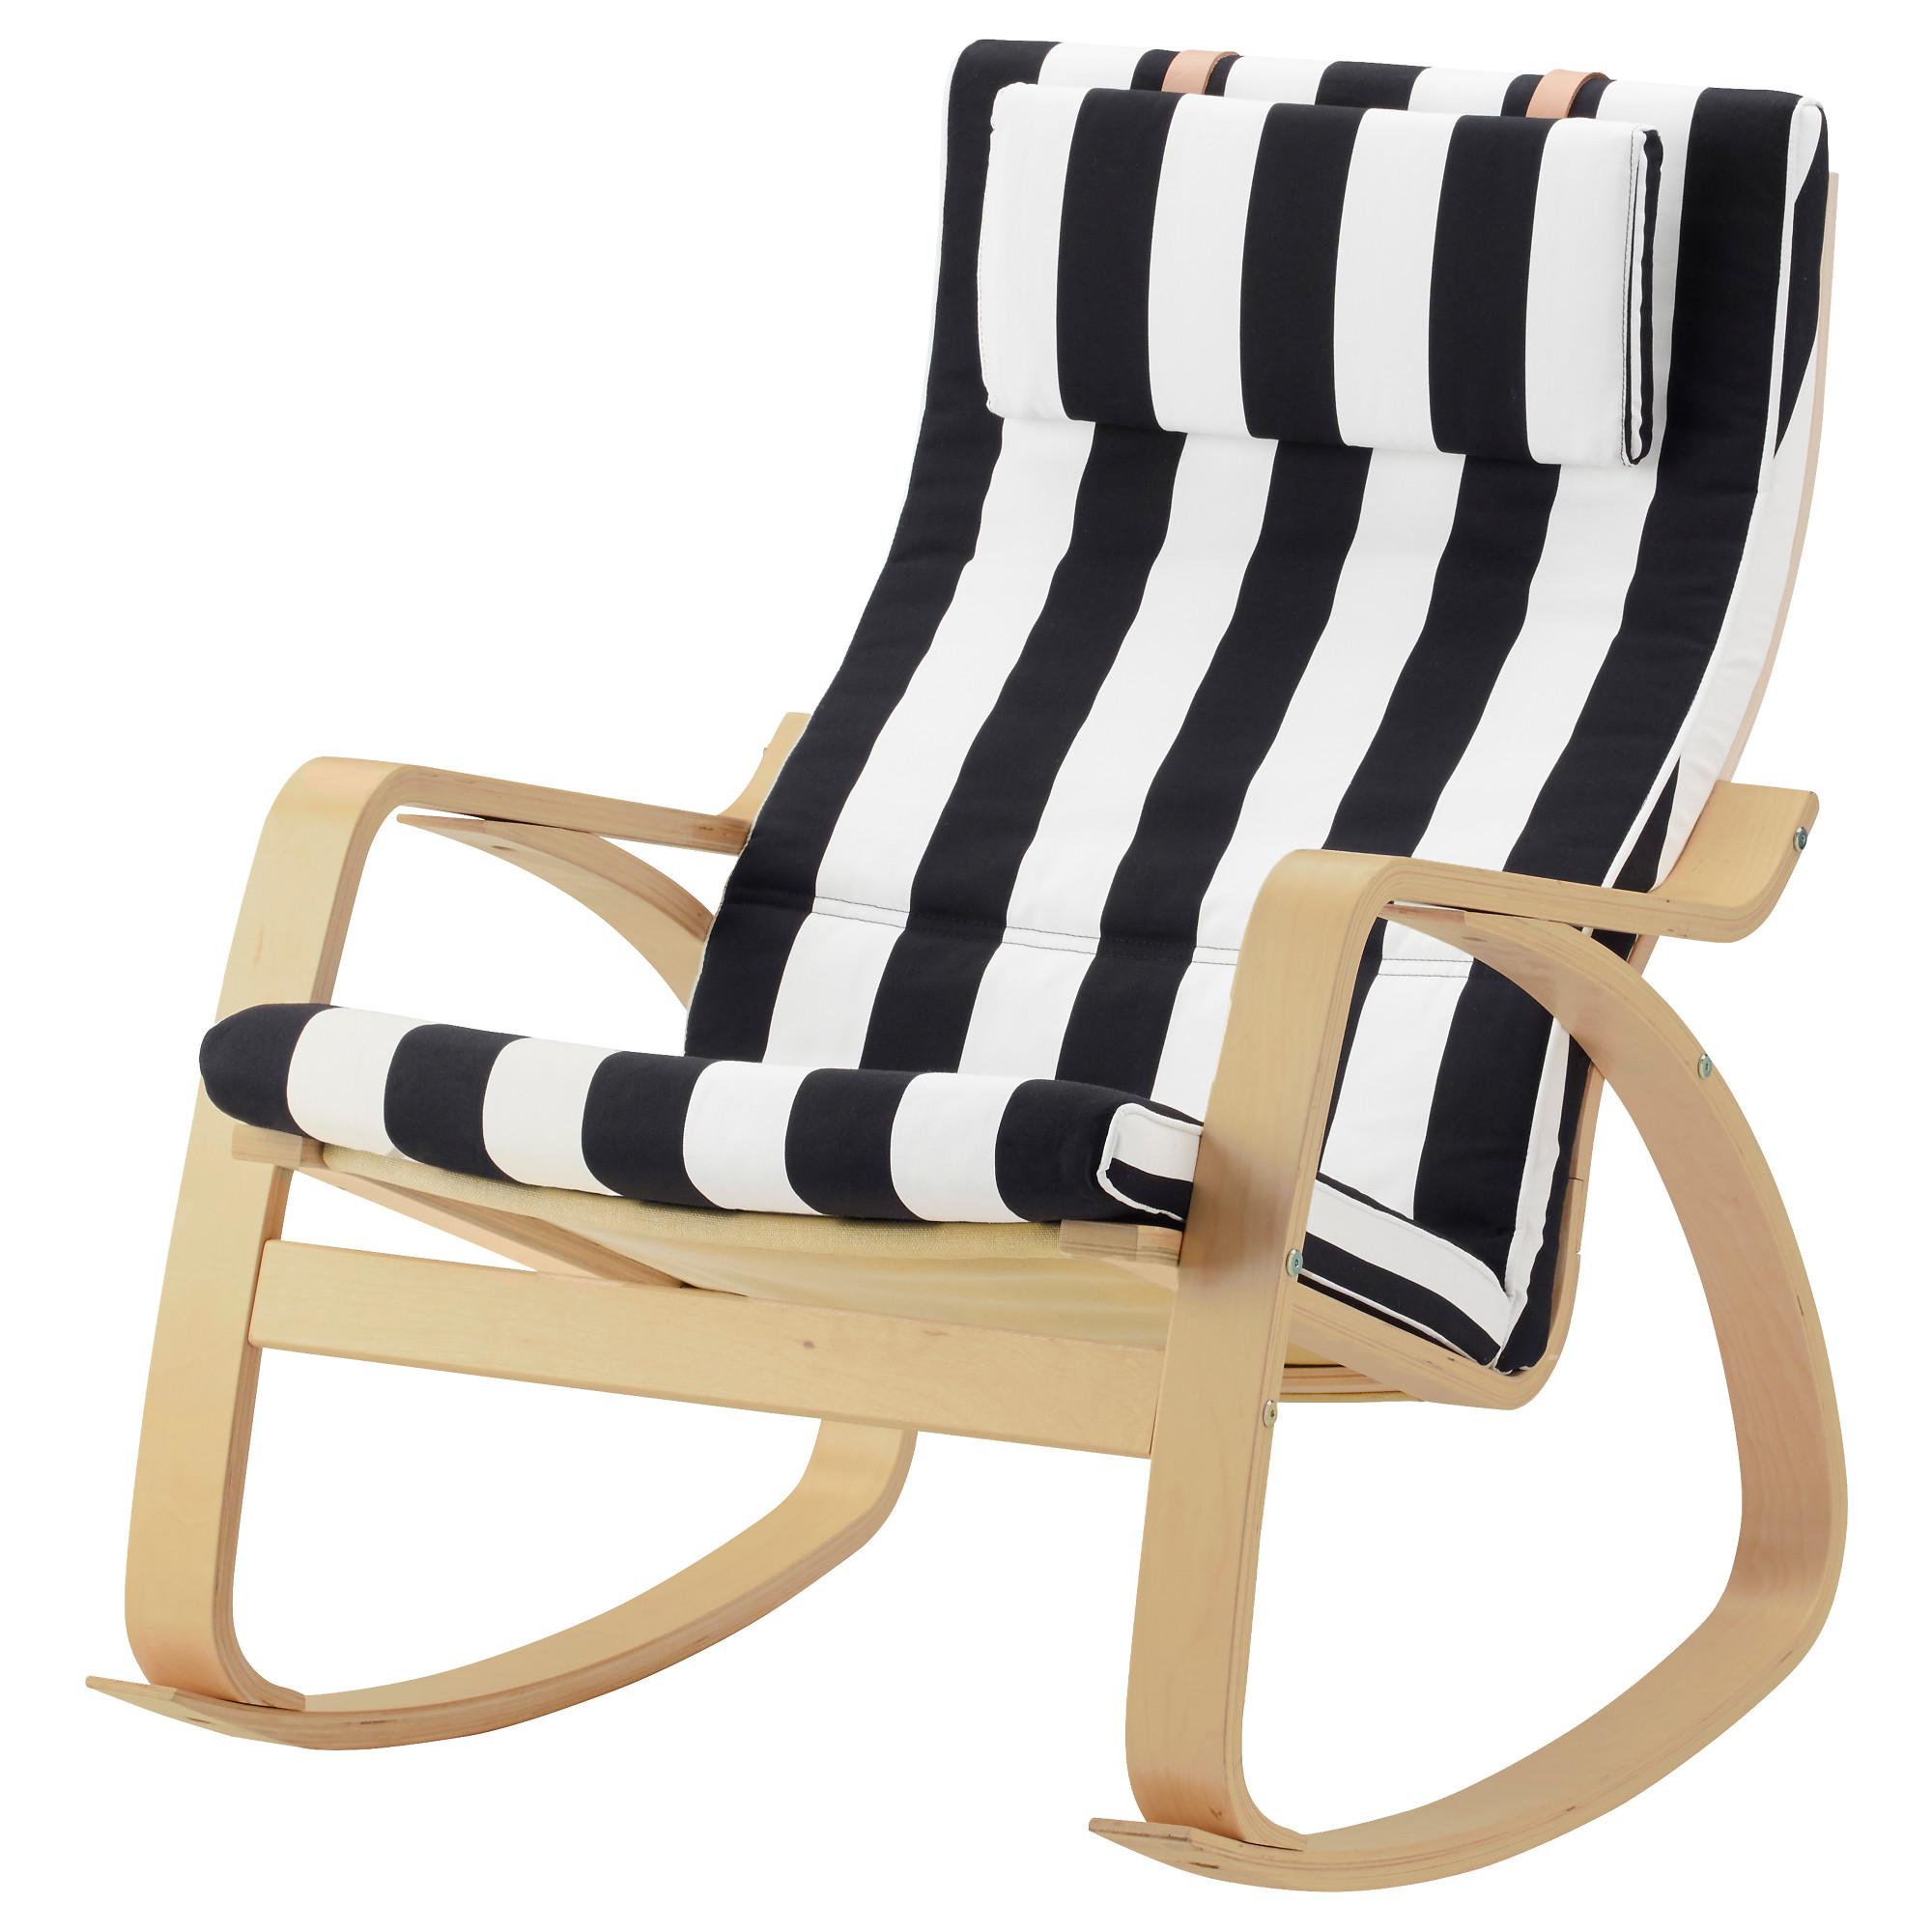 Кресло-качалка ПОЭНГ черный/белый артикуль № 492.515.63 в наличии. Интернет каталог IKEA Минск. Недорогая доставка и соборка.